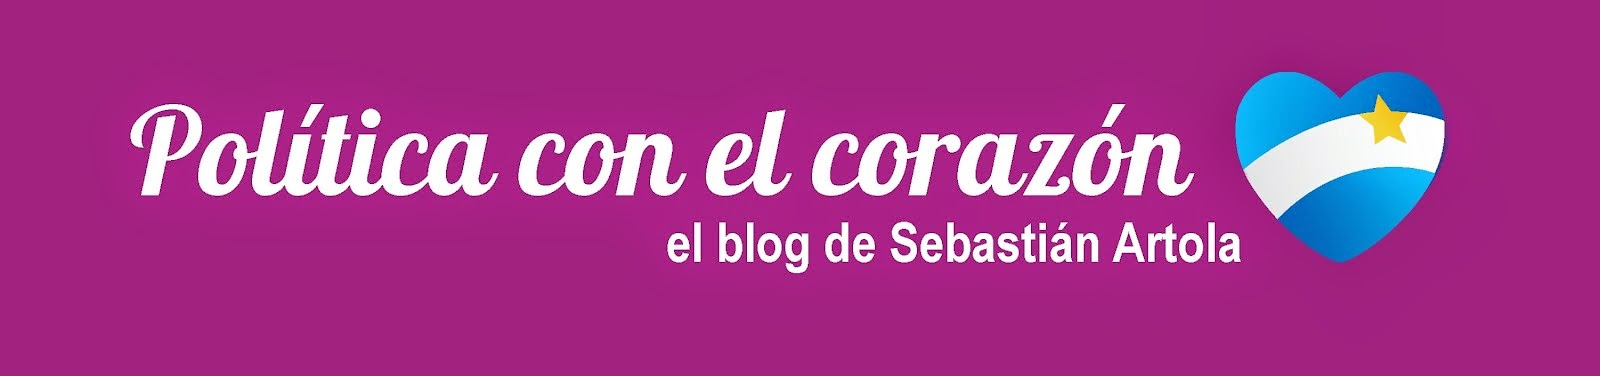 el blog de Sebastián Artola